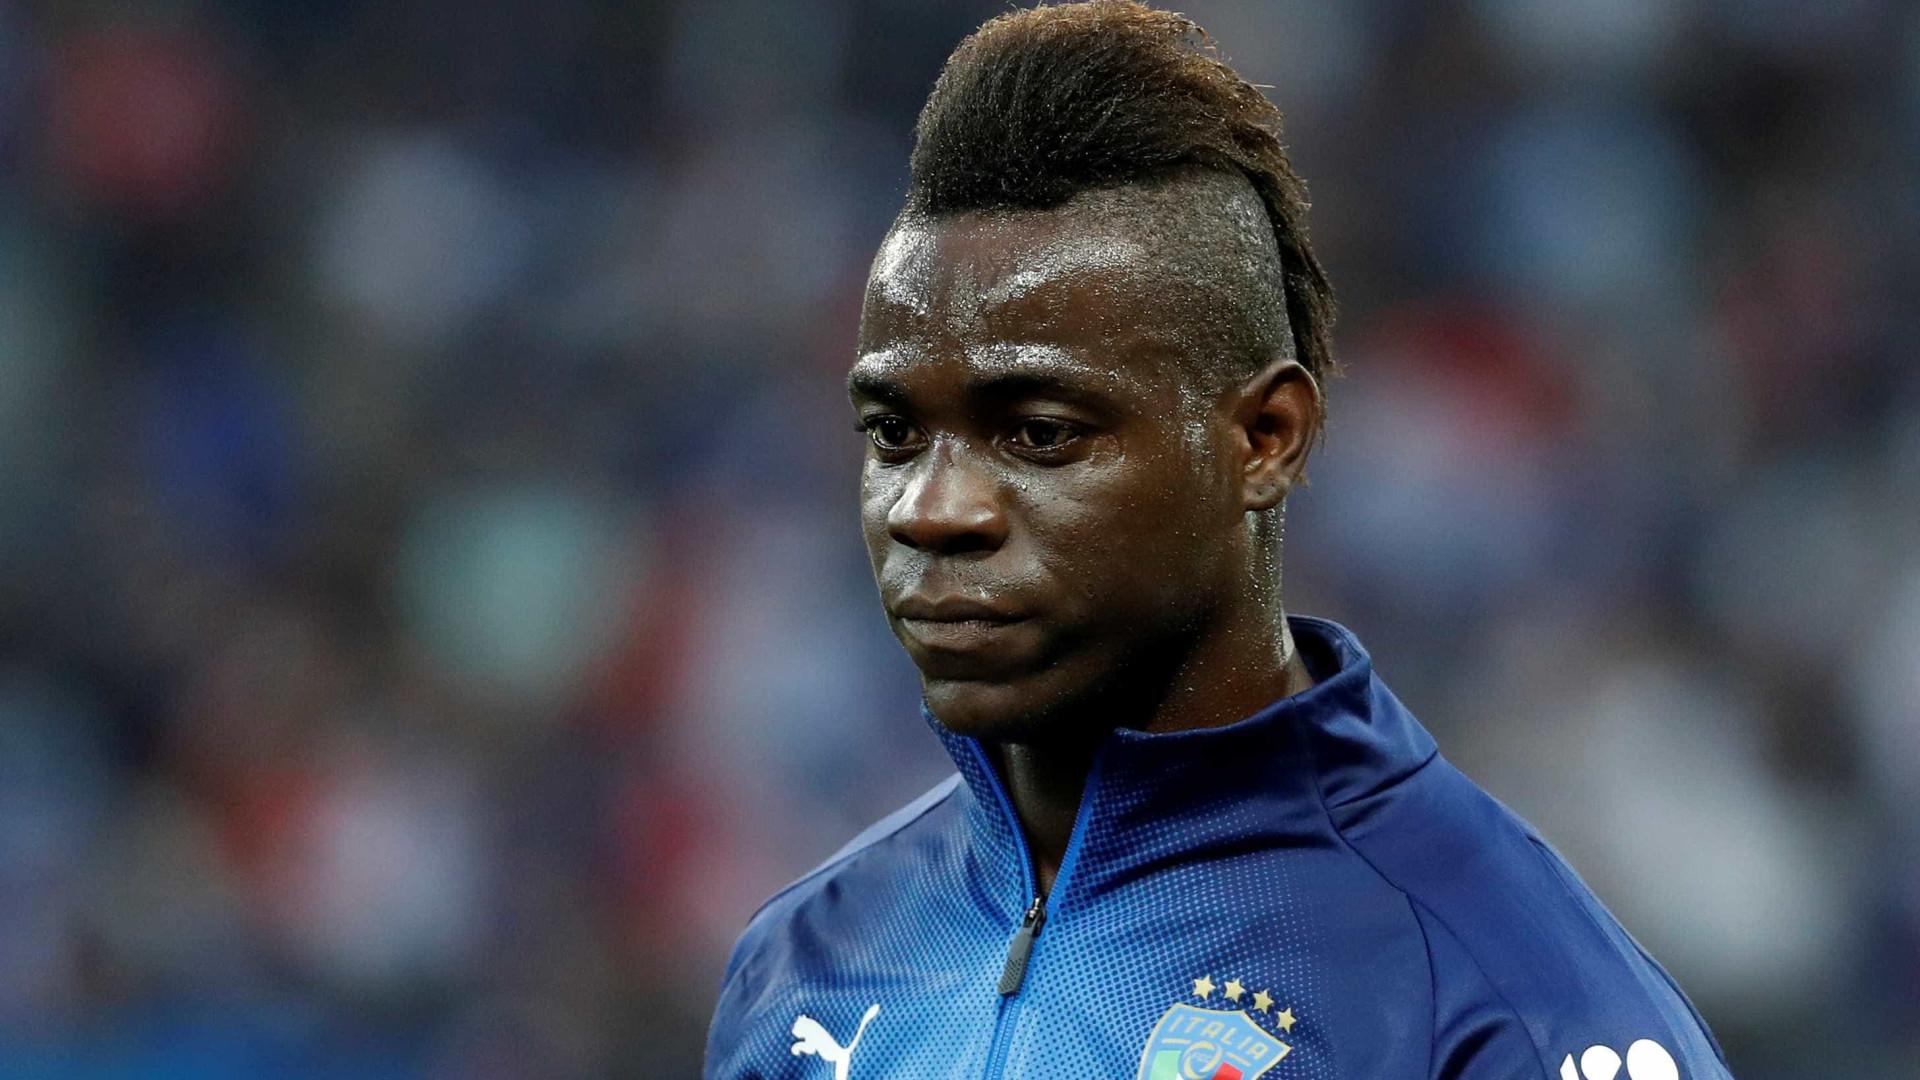 Por racismo a Balotelli, Verona jogará com arquibancada fechada